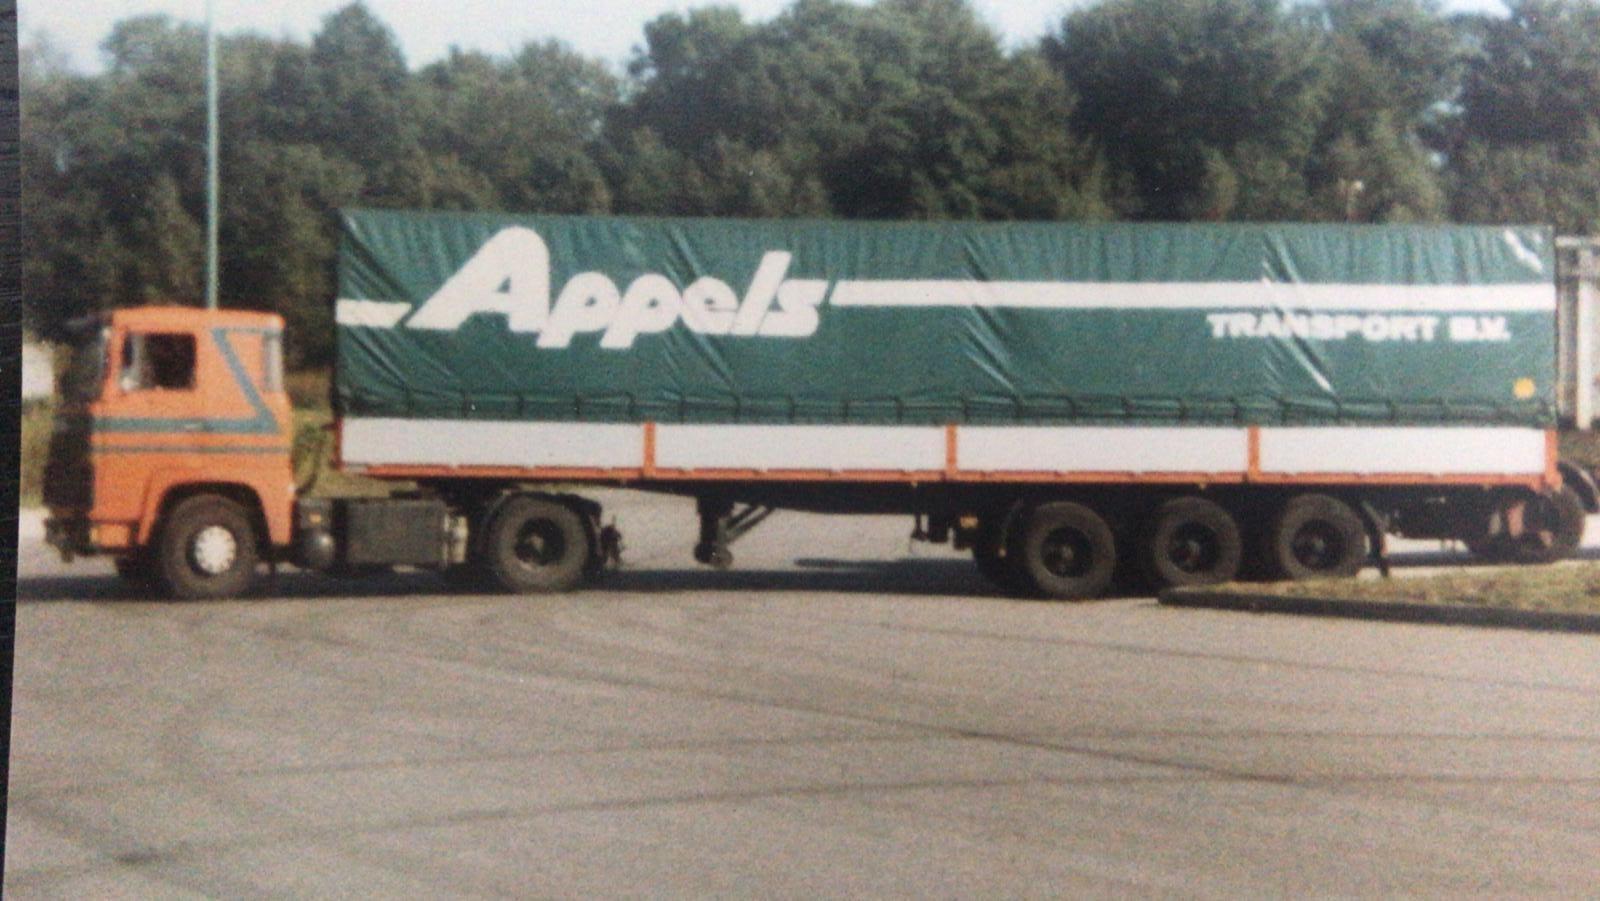 John-Wijnen-foto--Mijn-eerste-bij-otv-ossenblok-truck-verhuur--later-riwo-als-charter-voor-appels-rond-1986